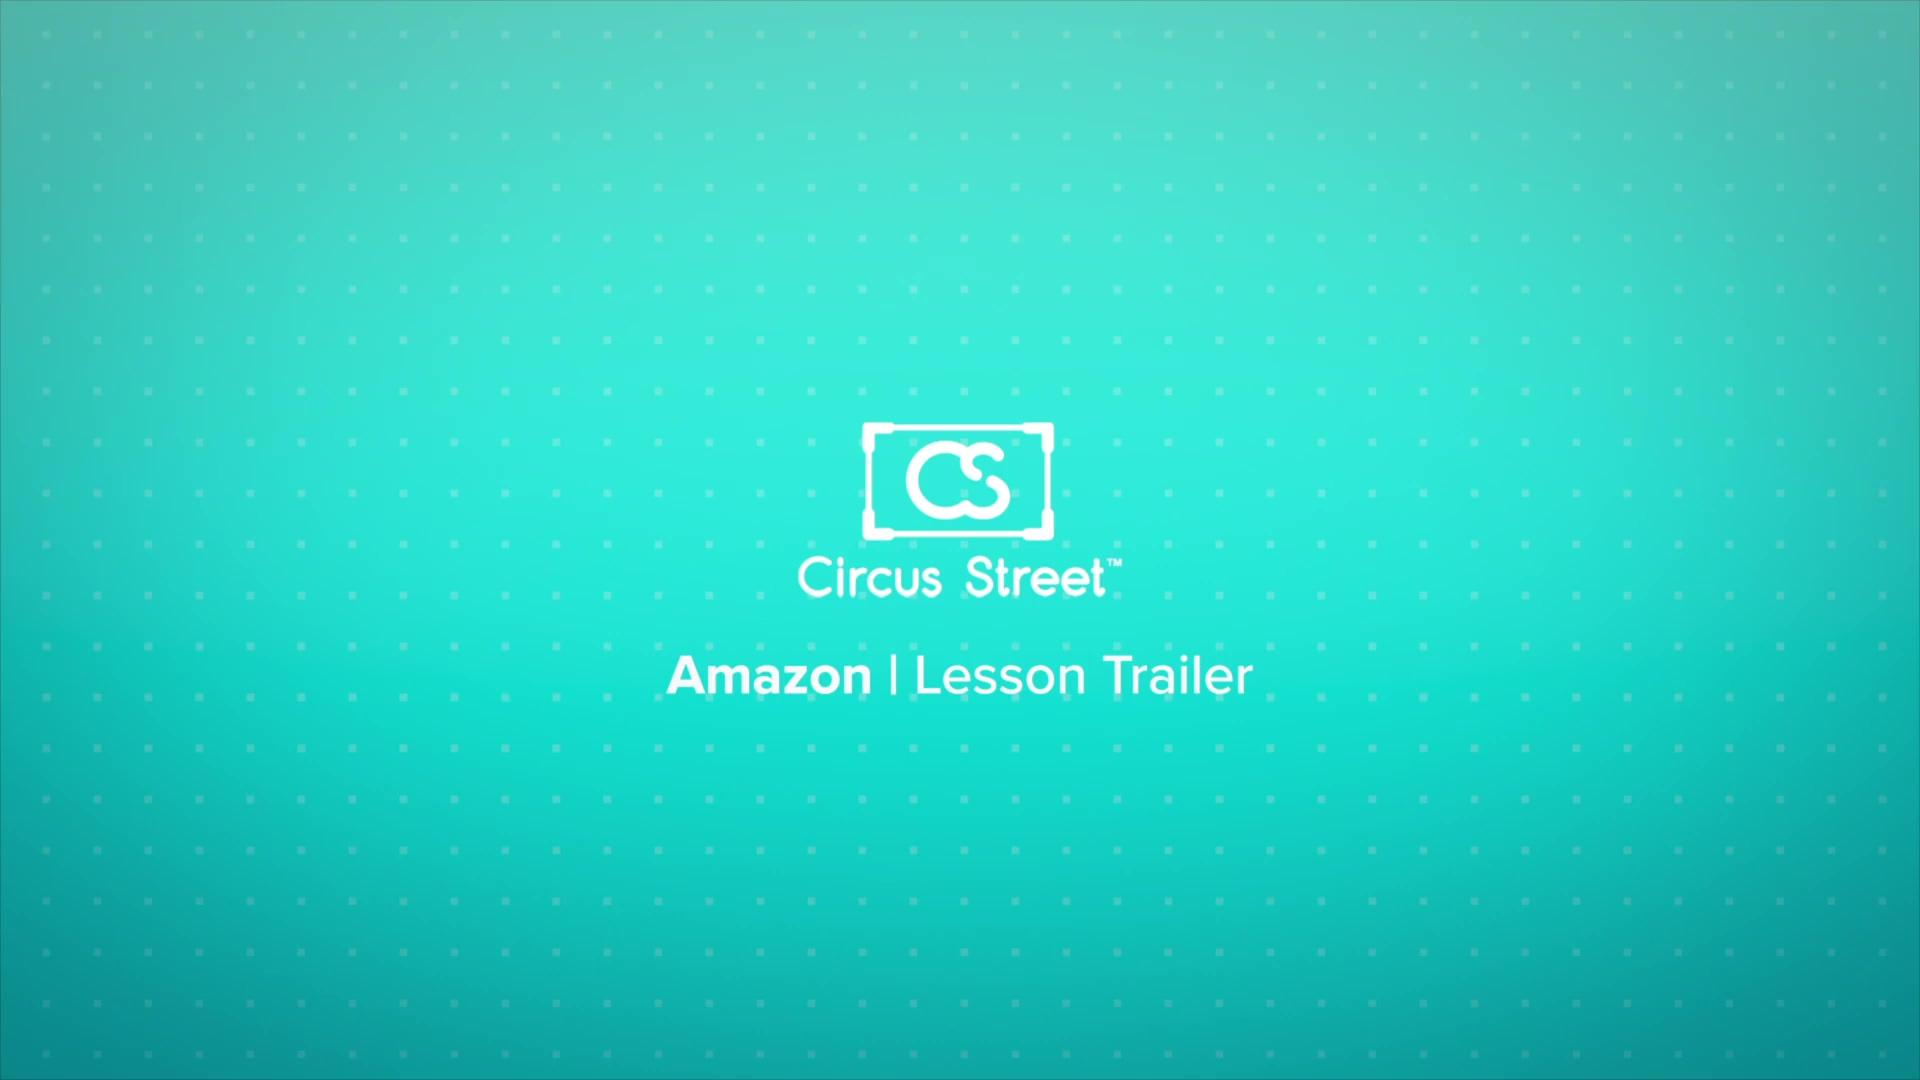 Amazon Lesson Trailer